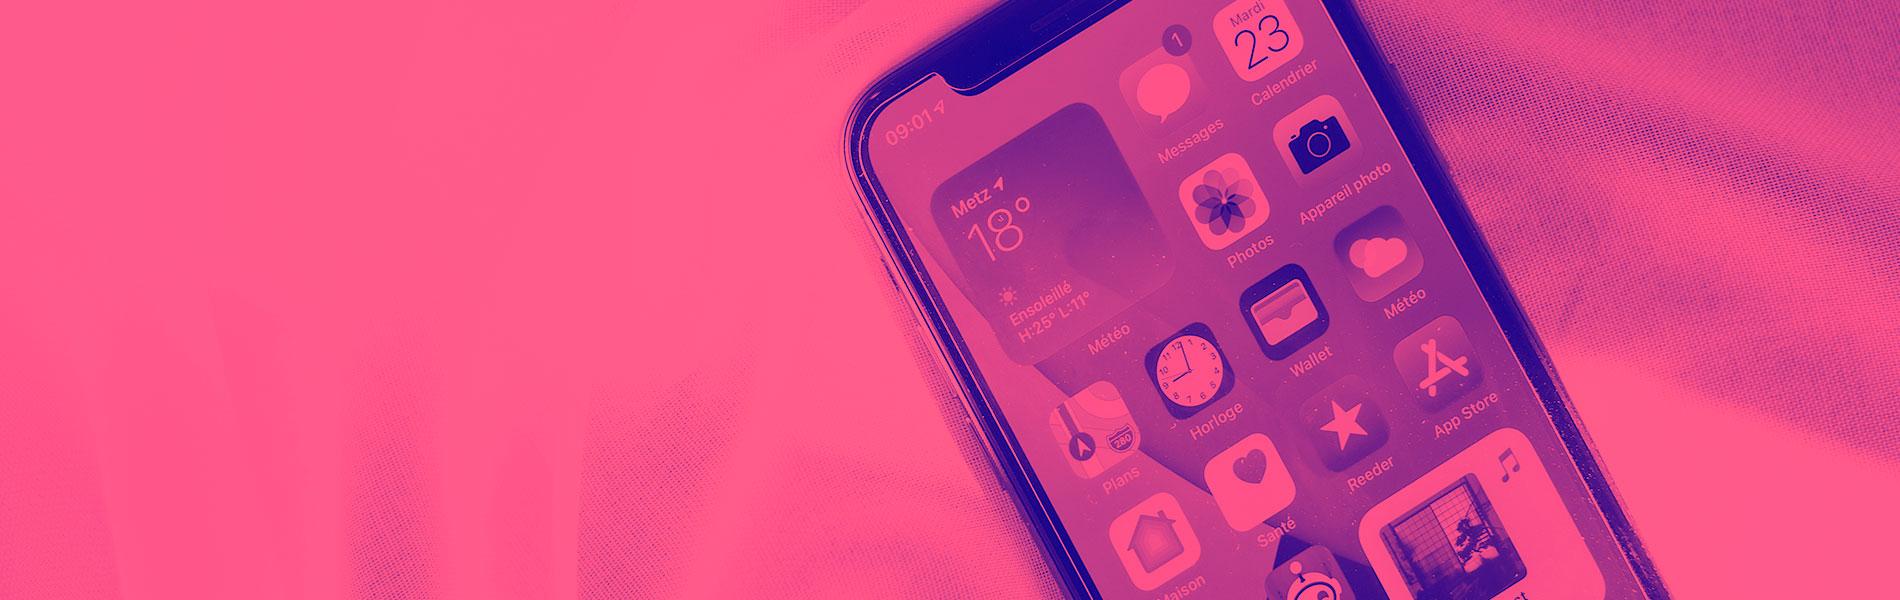 ¿En qué lenguaje se programa para iOS? ¡Descúbrelo!